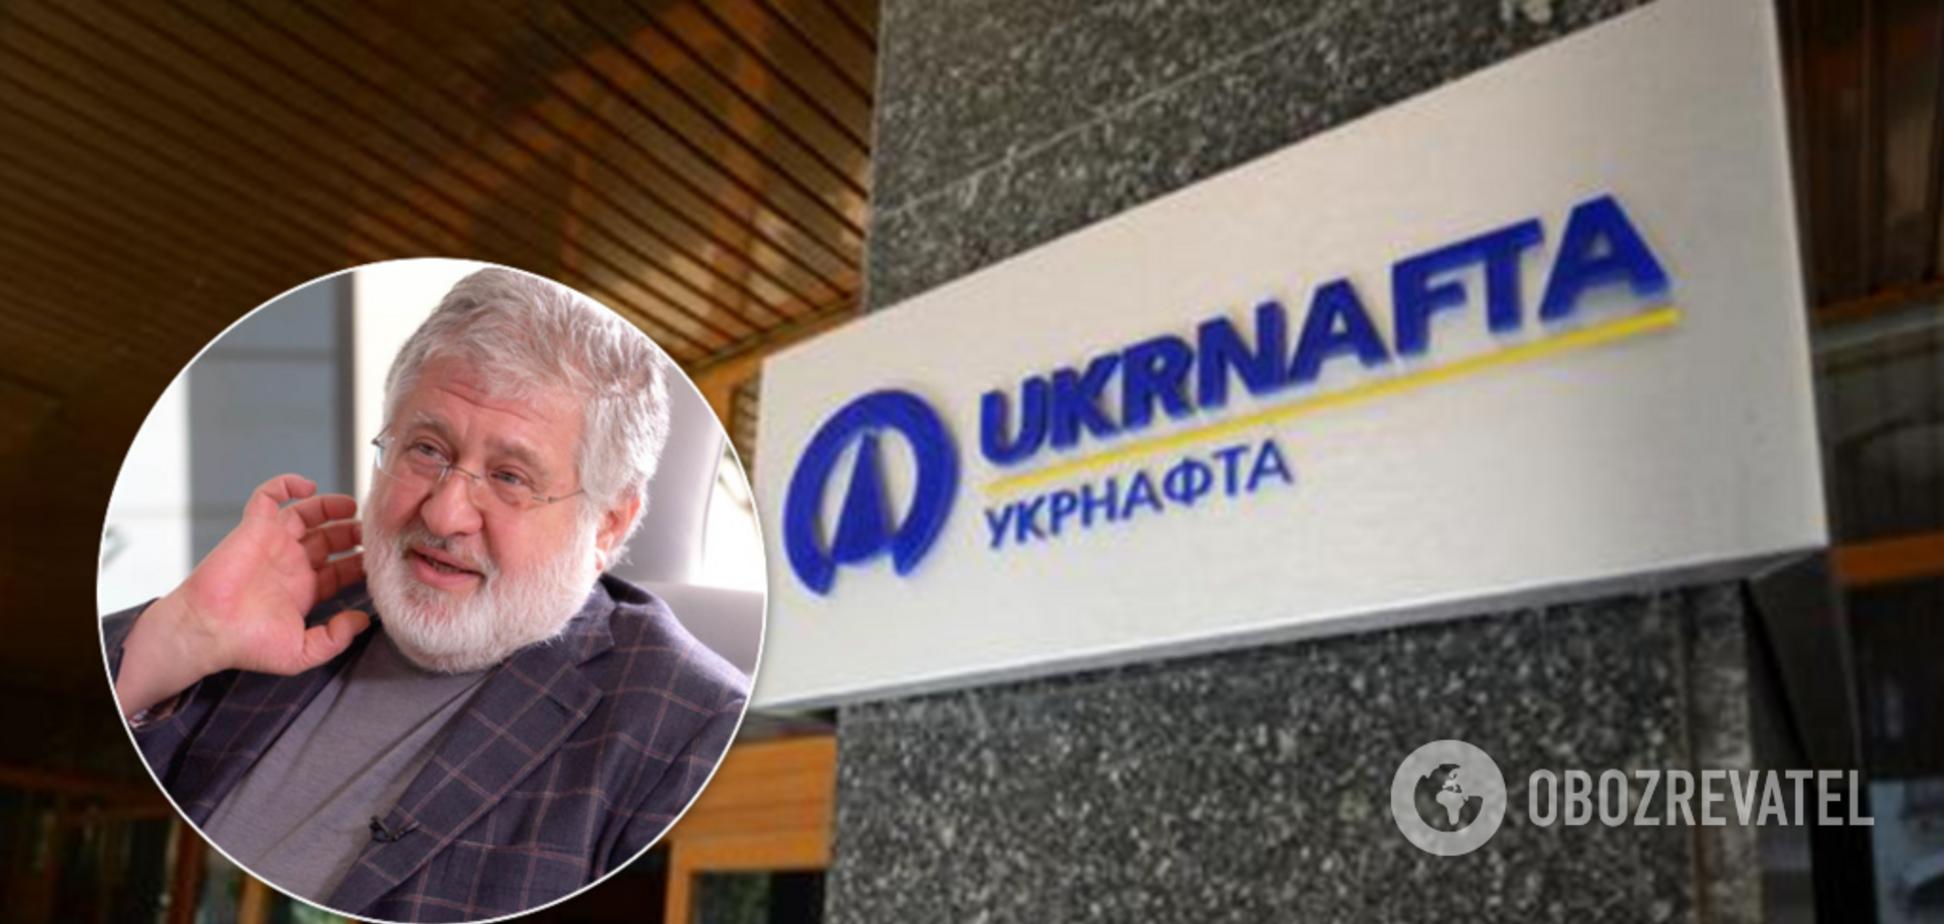 Винні 7,6 млрд: 'Укрнафта' підписала мирові угоди з 'приватівськими' компаніями